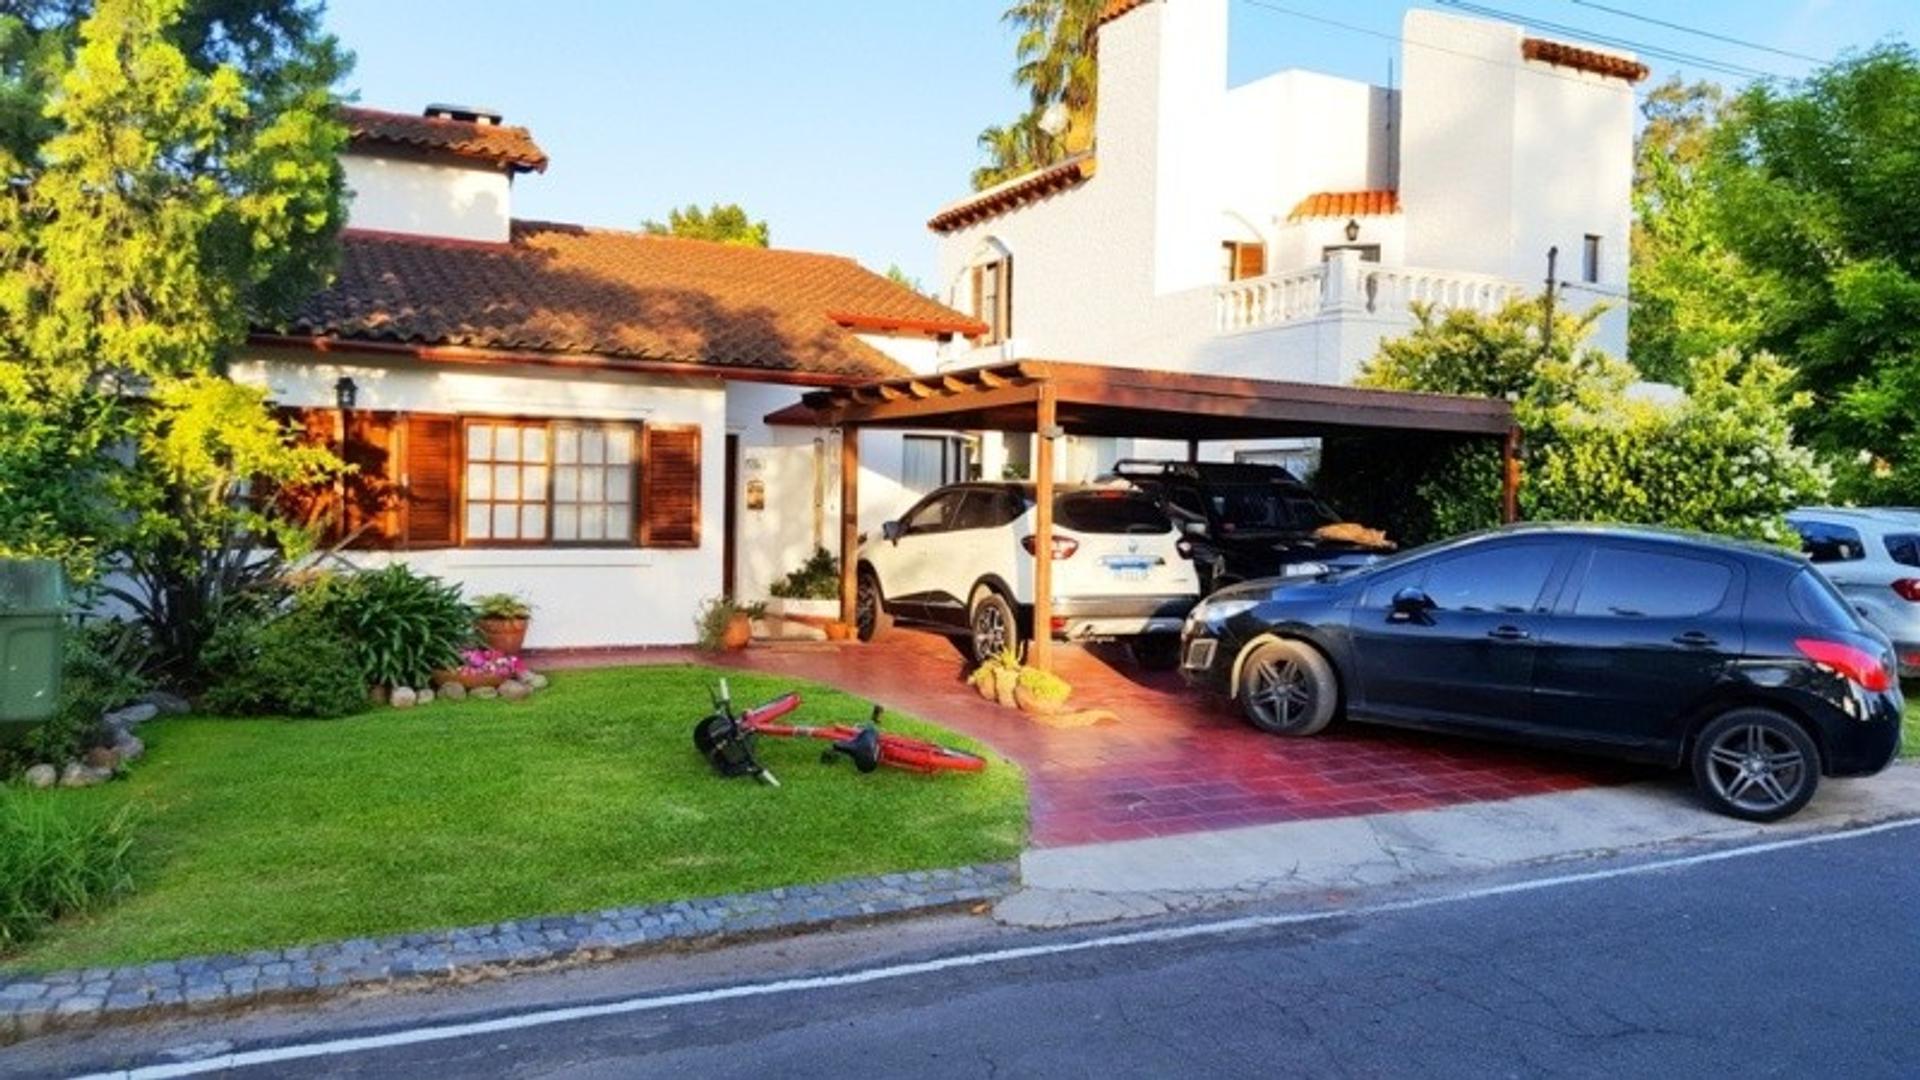 Casa en Venta - 4 ambientes -Aranjuez Country Club - Moderna casa!